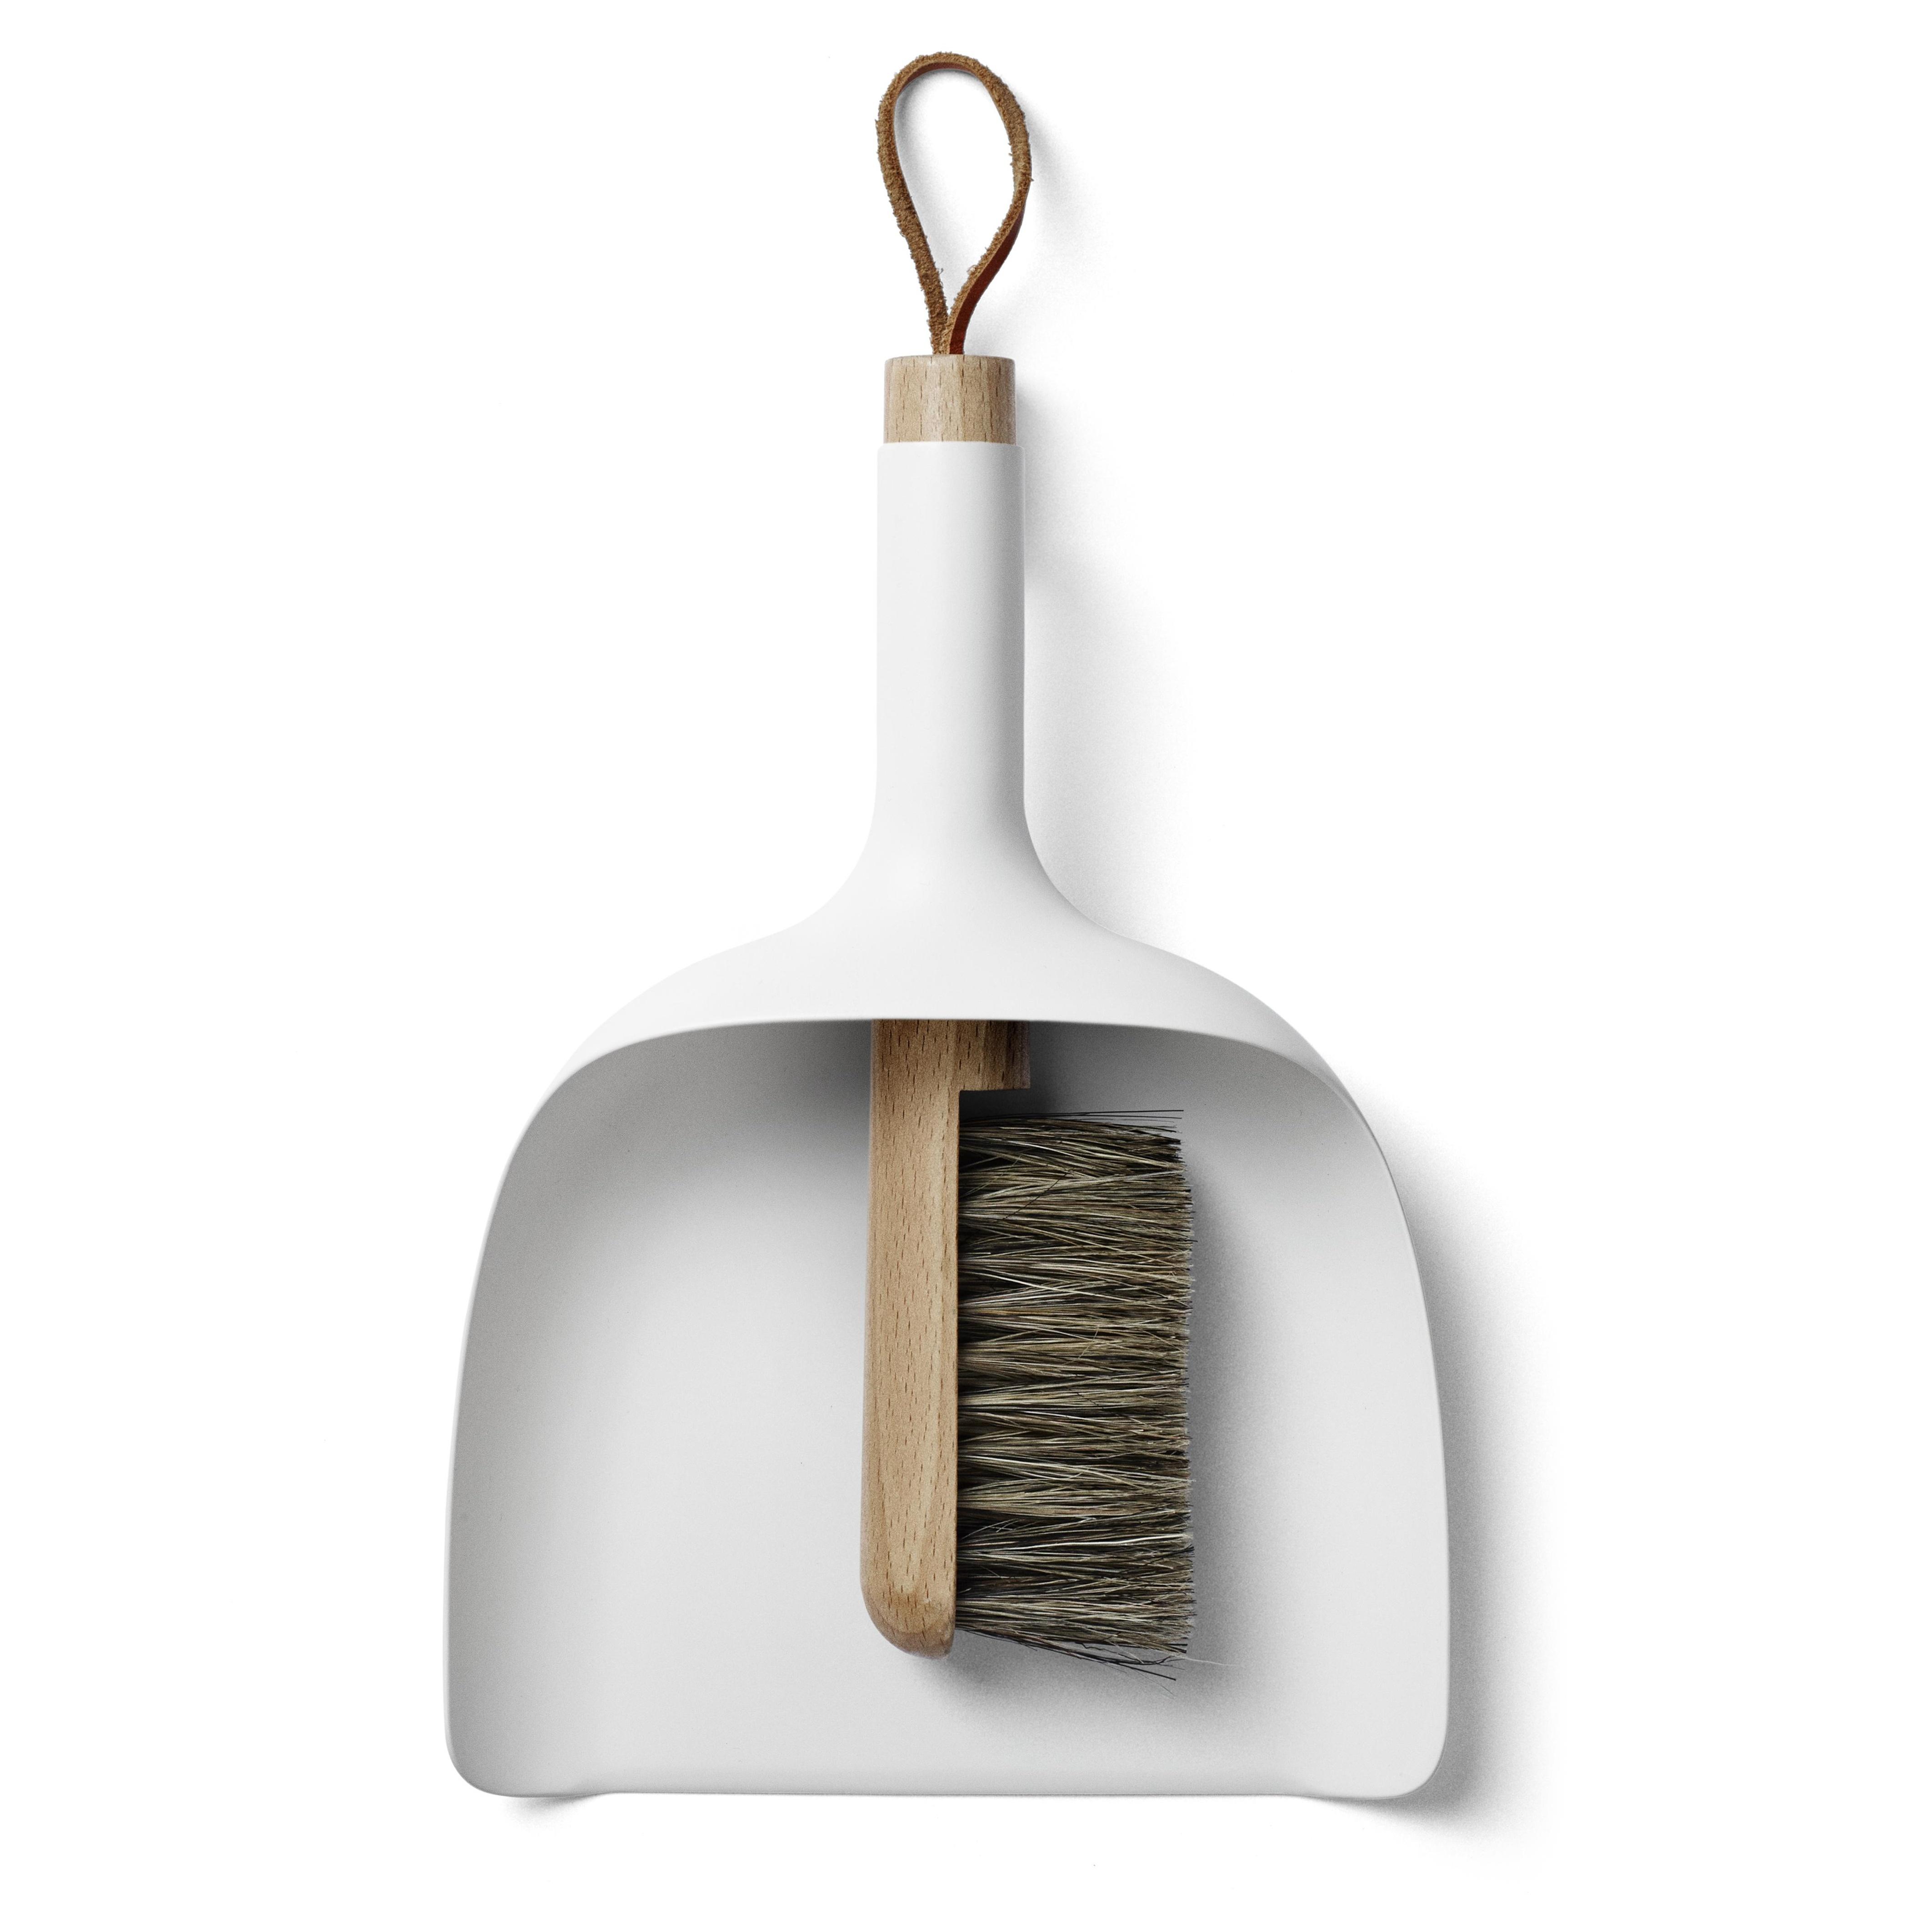 Menu - Sweeper & Funnel Kehrschaufel und Handbesen - weiß/Griff Esche | Wohnzimmer > Kamine & Öfen > Kaminzubehör | Weiß | Kunststoff| holz | Menu